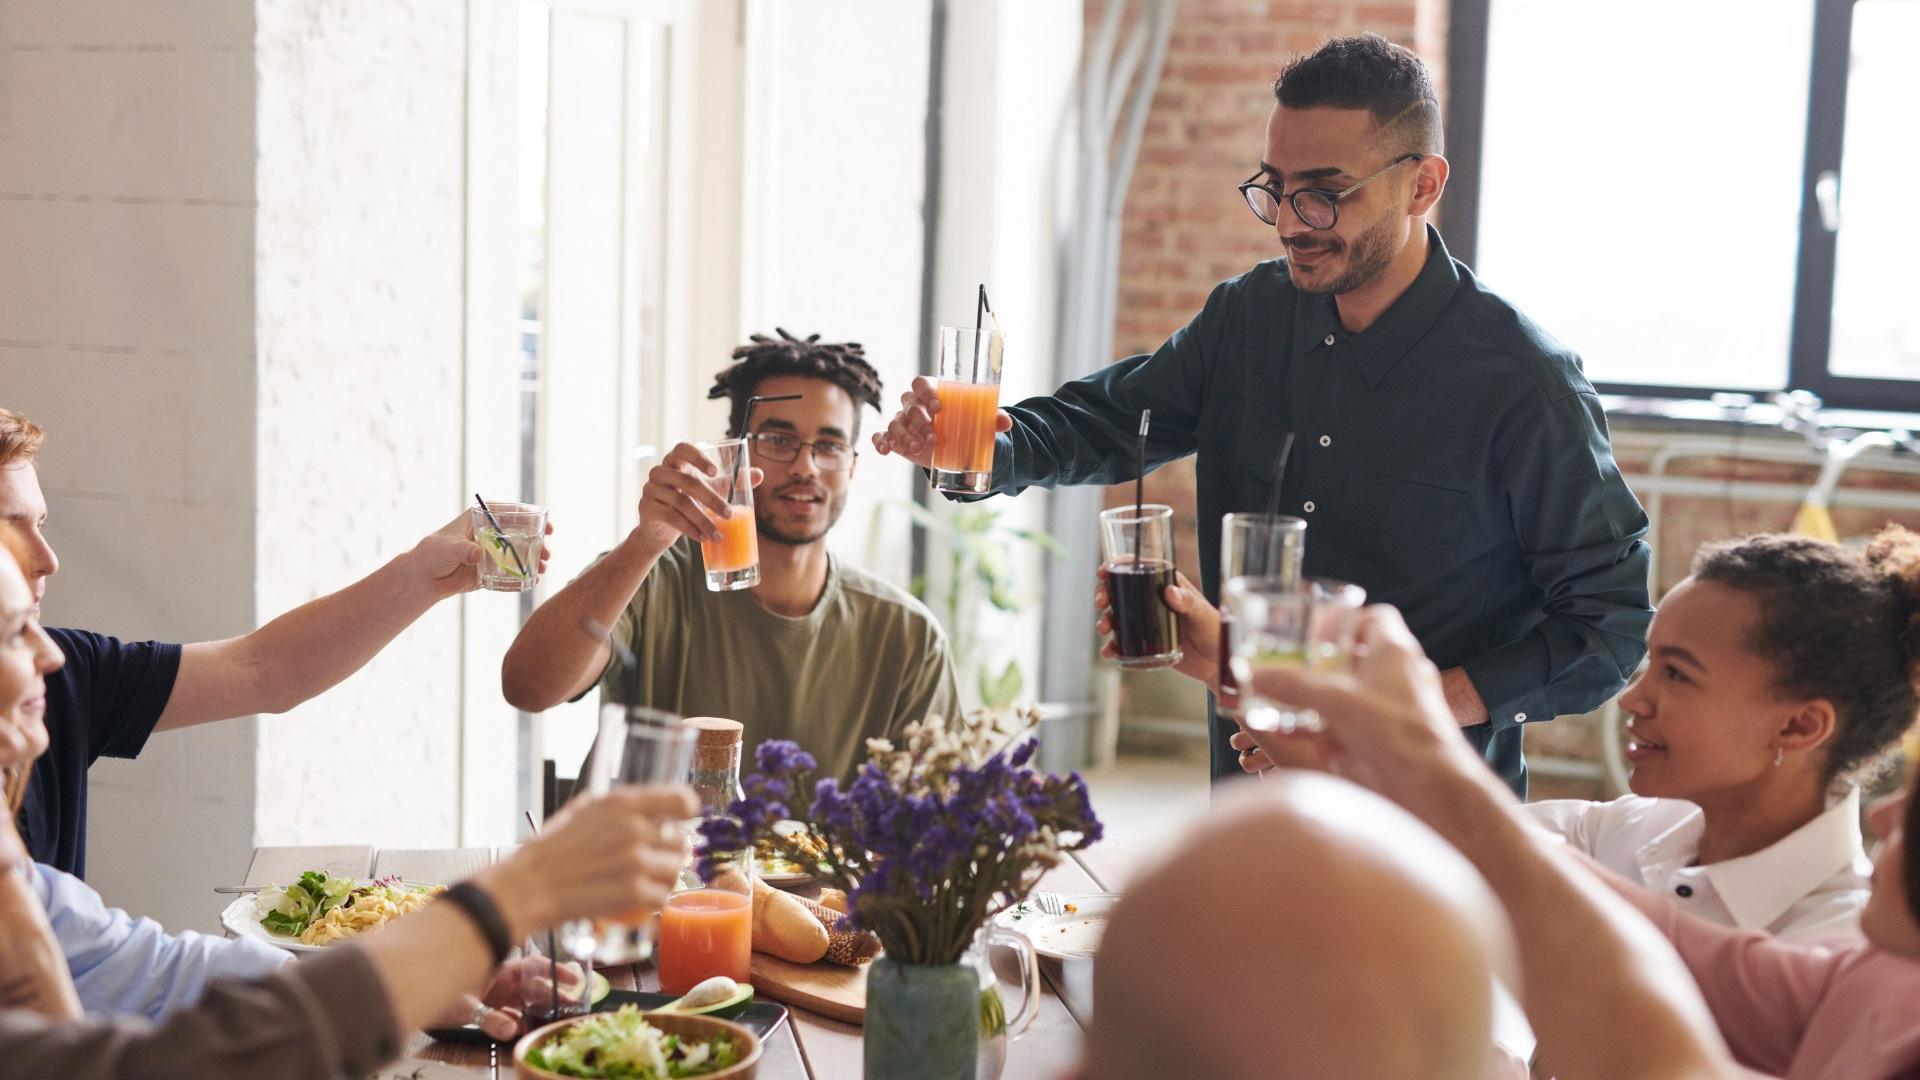 Celebrate Sustainably